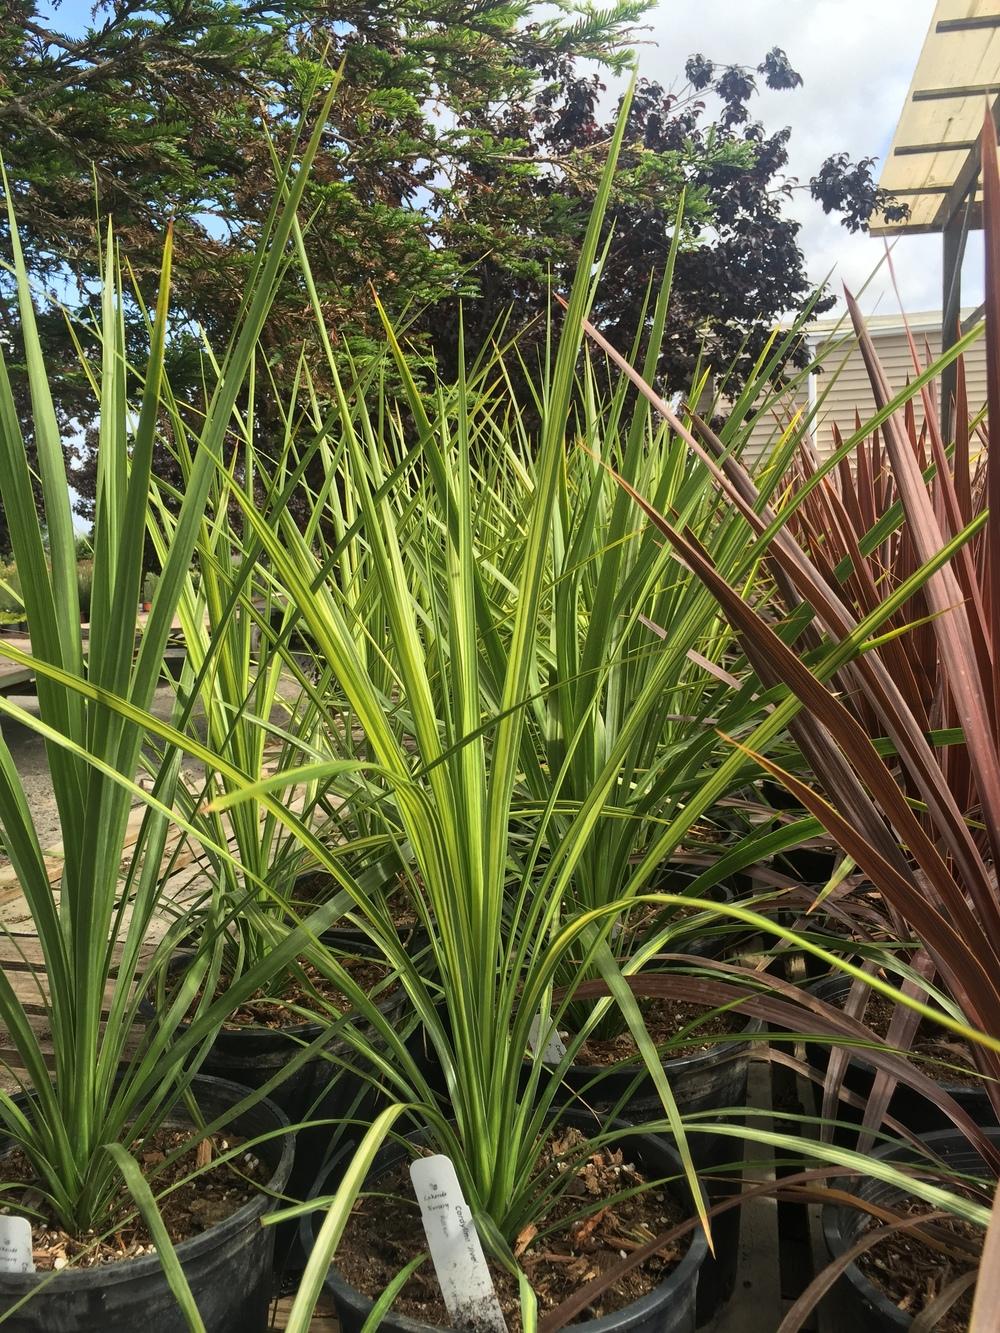 Cordyline australis 'Jive'